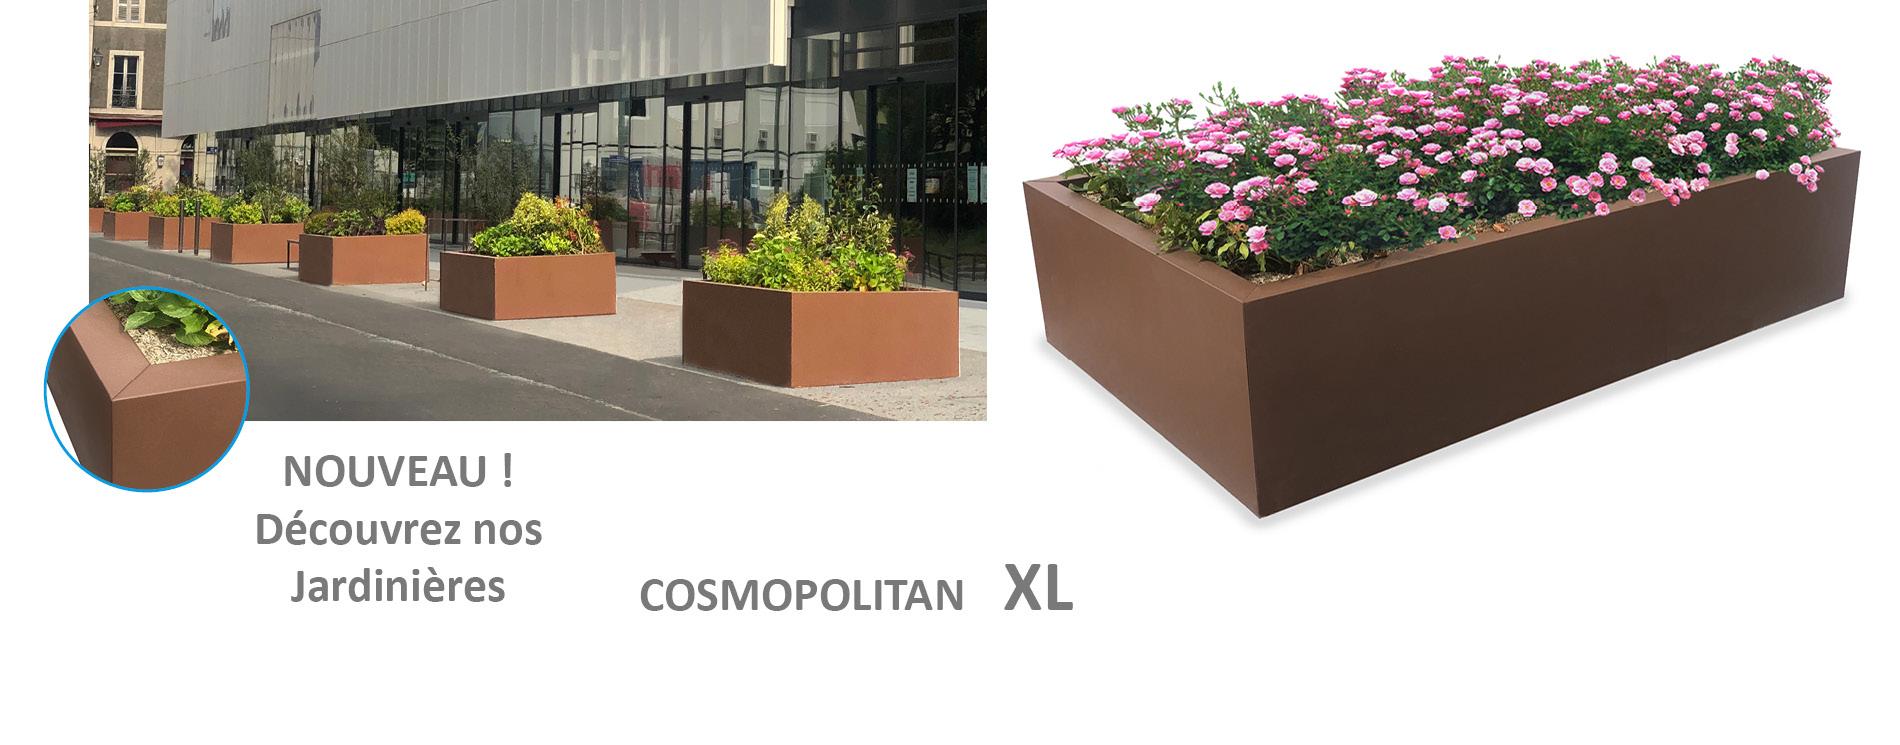 JARDINIERES Cosmopolitan XL